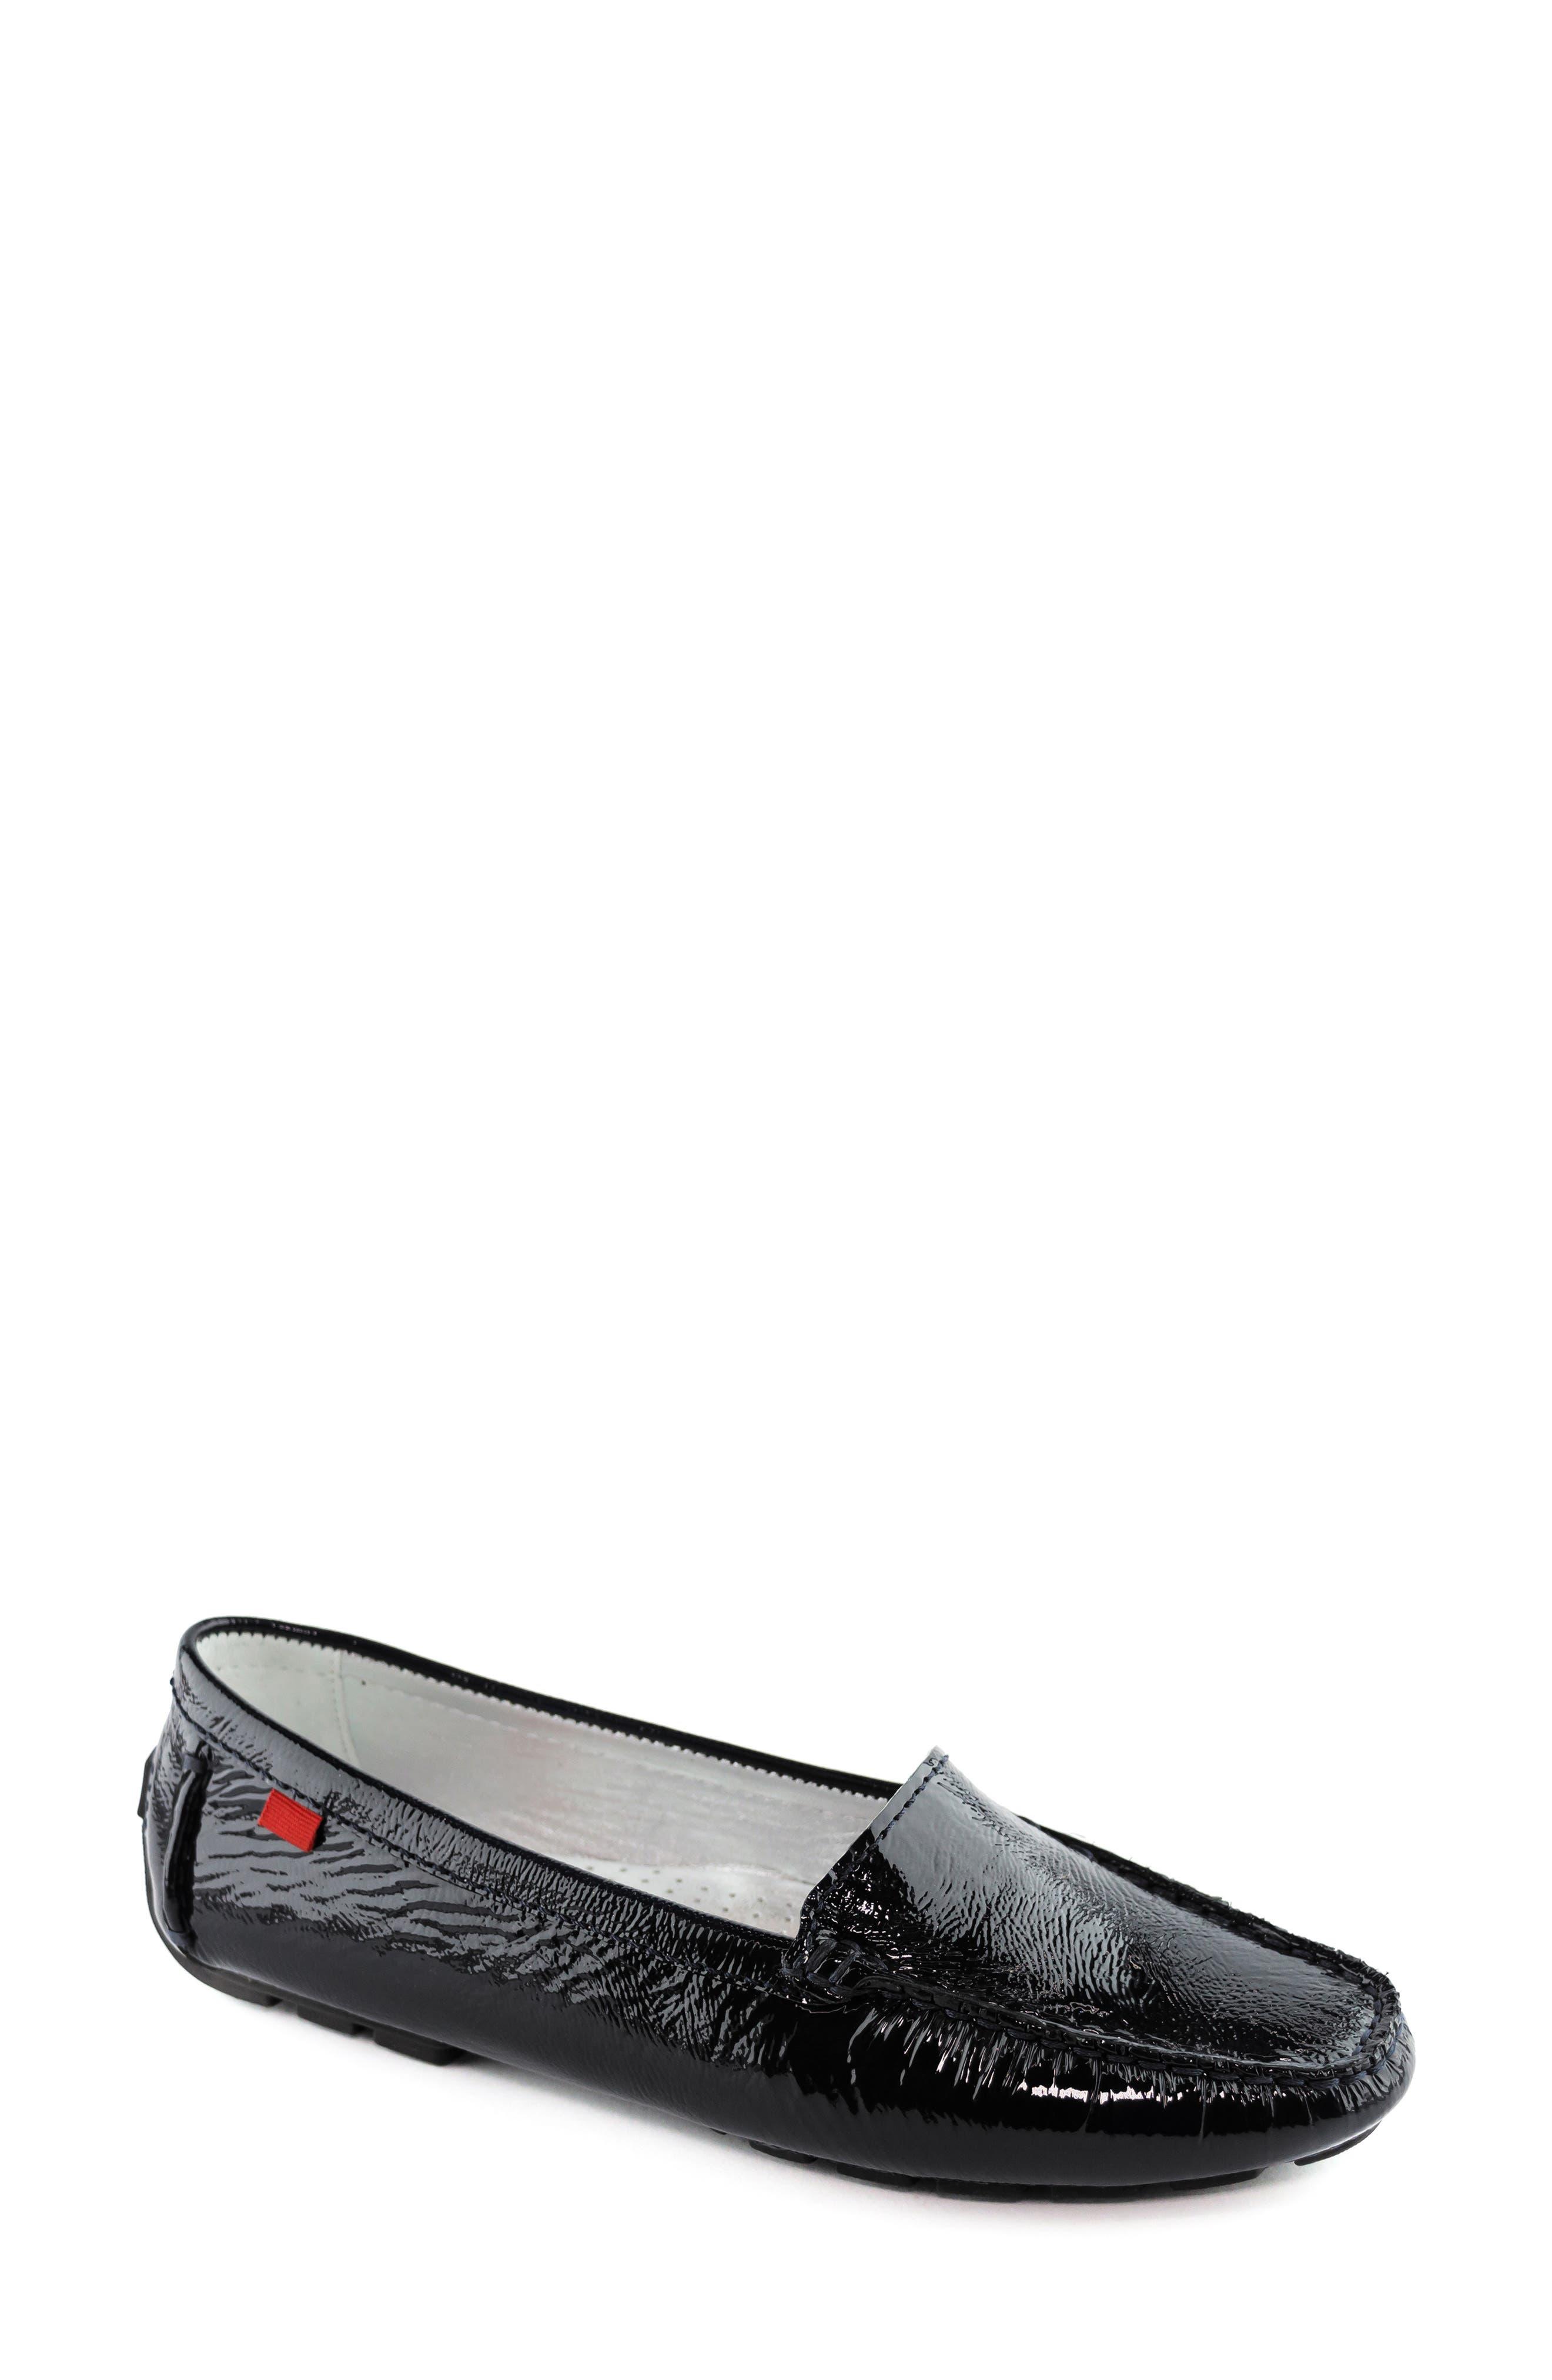 Marc Joseph New York Manhasset Loafer, Black